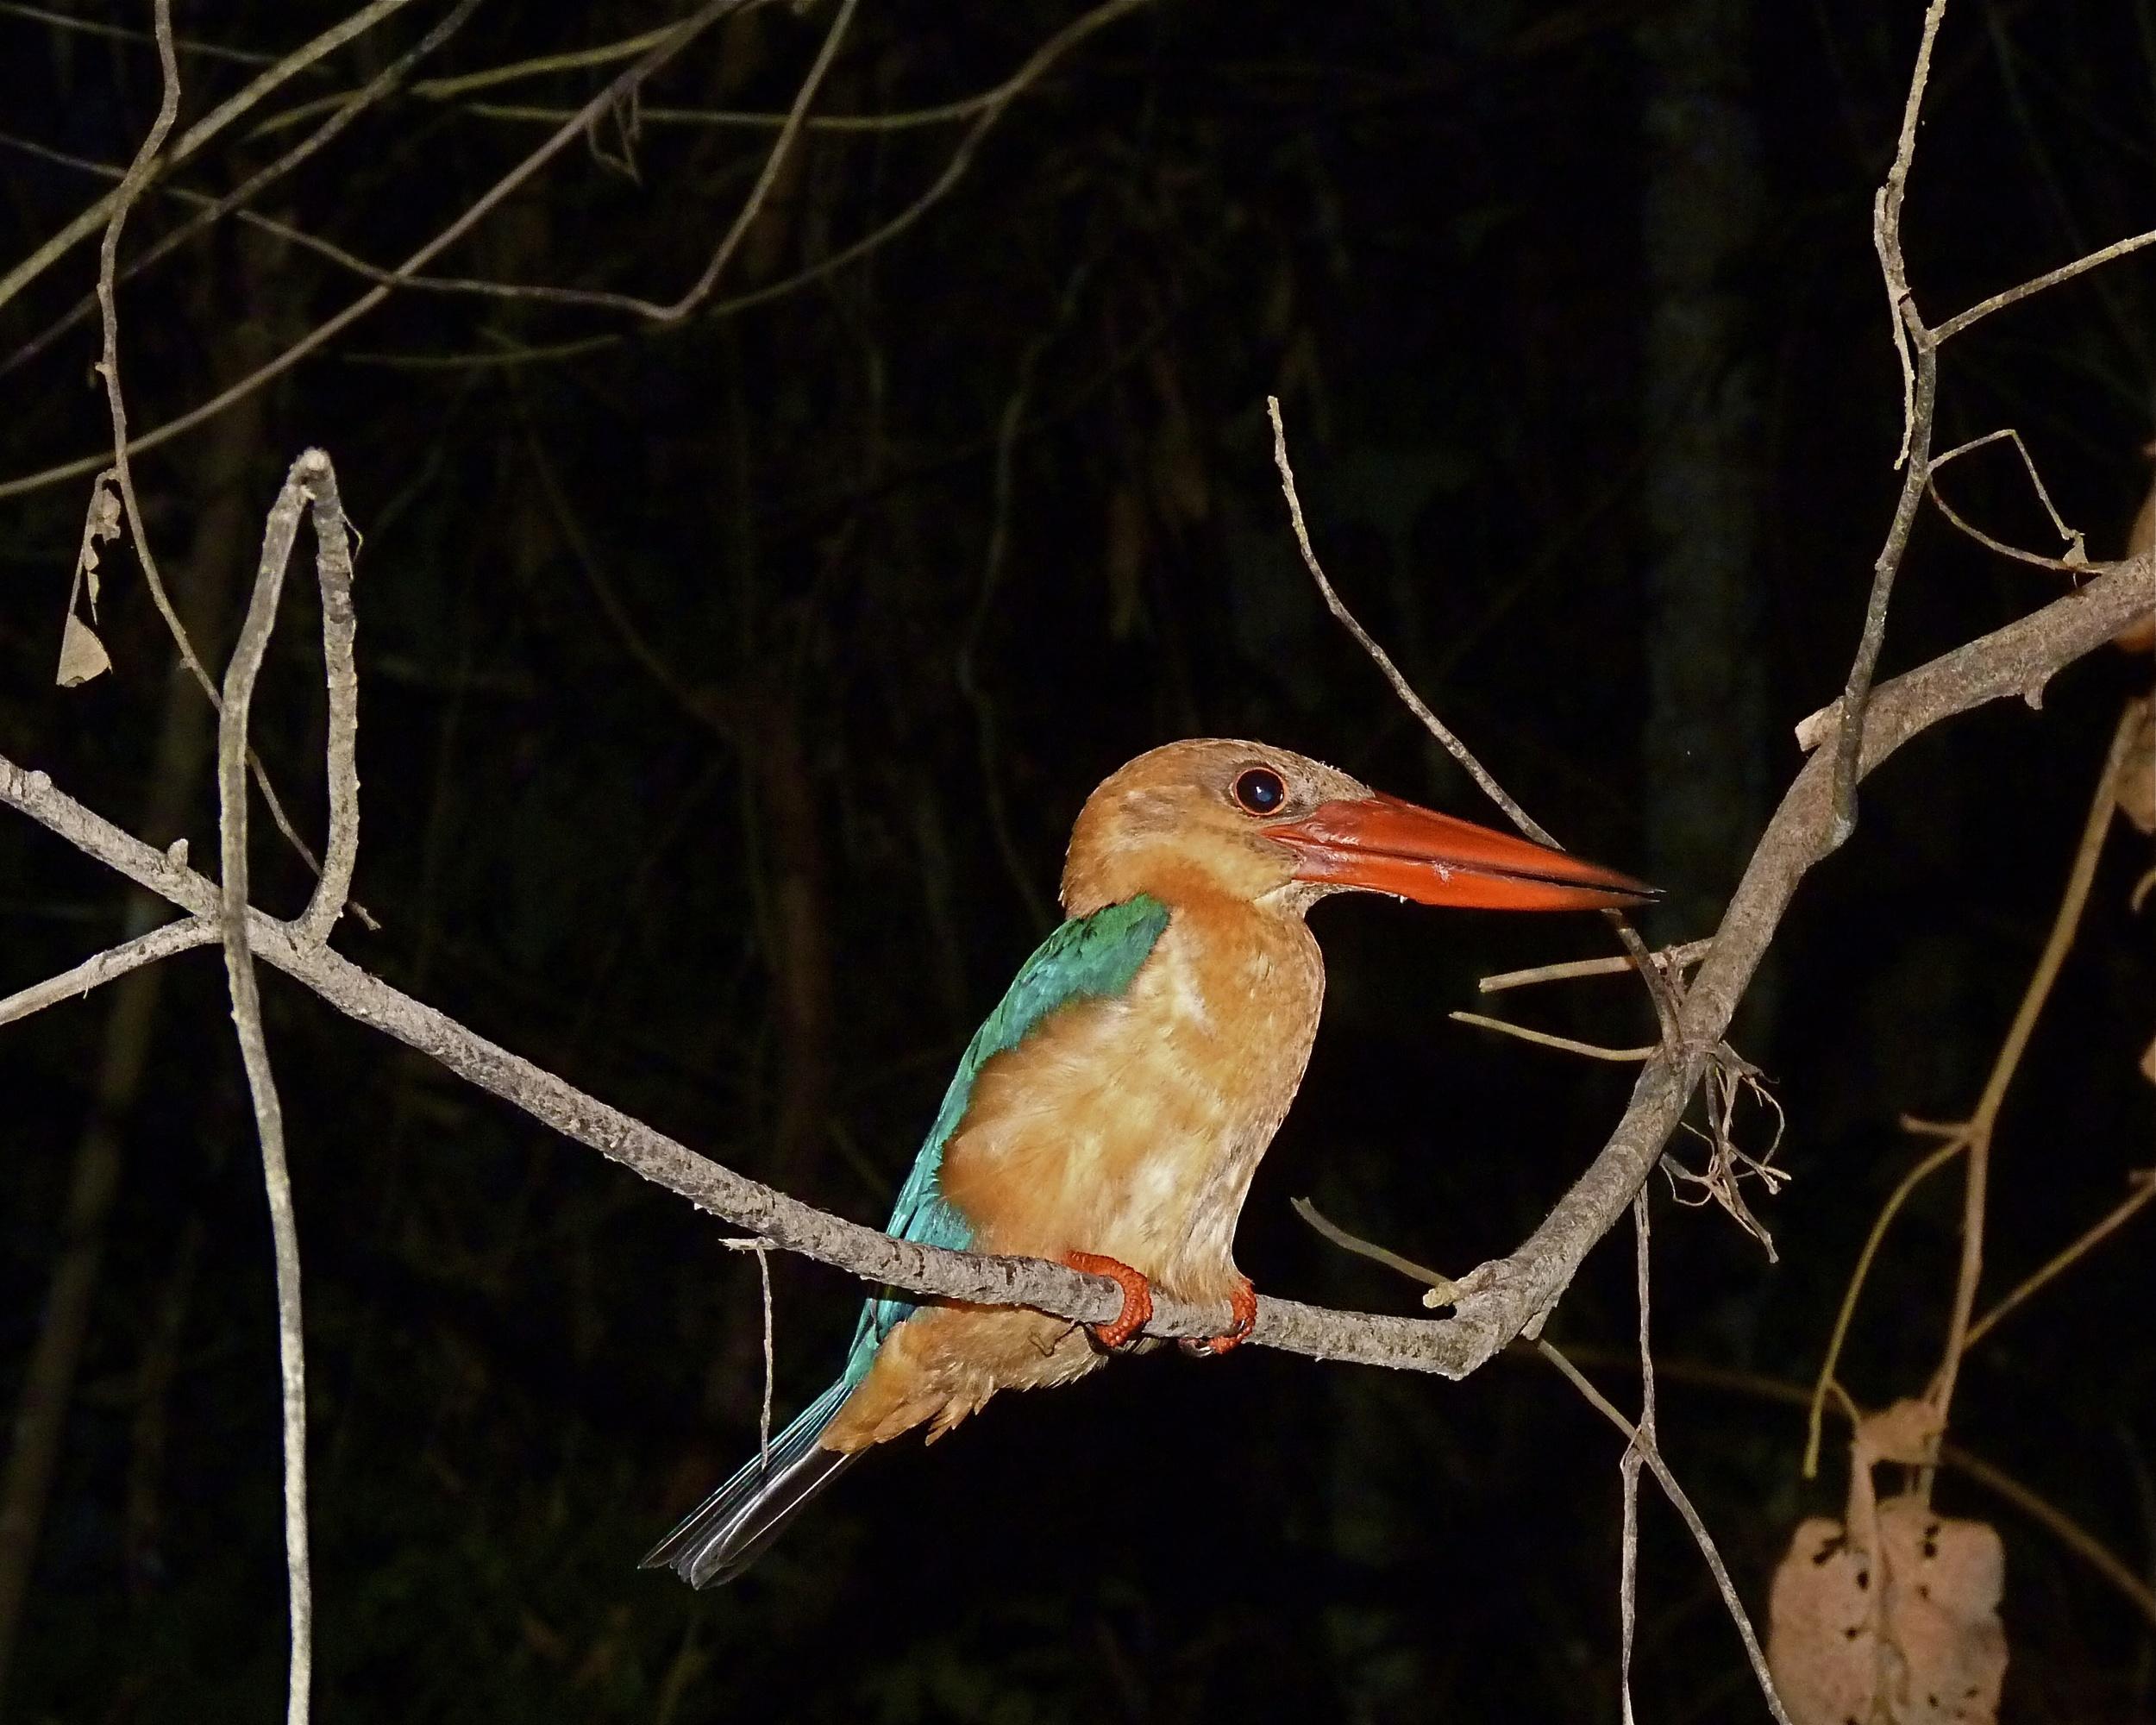 The long-bill kingfisher (who'da thunk?)